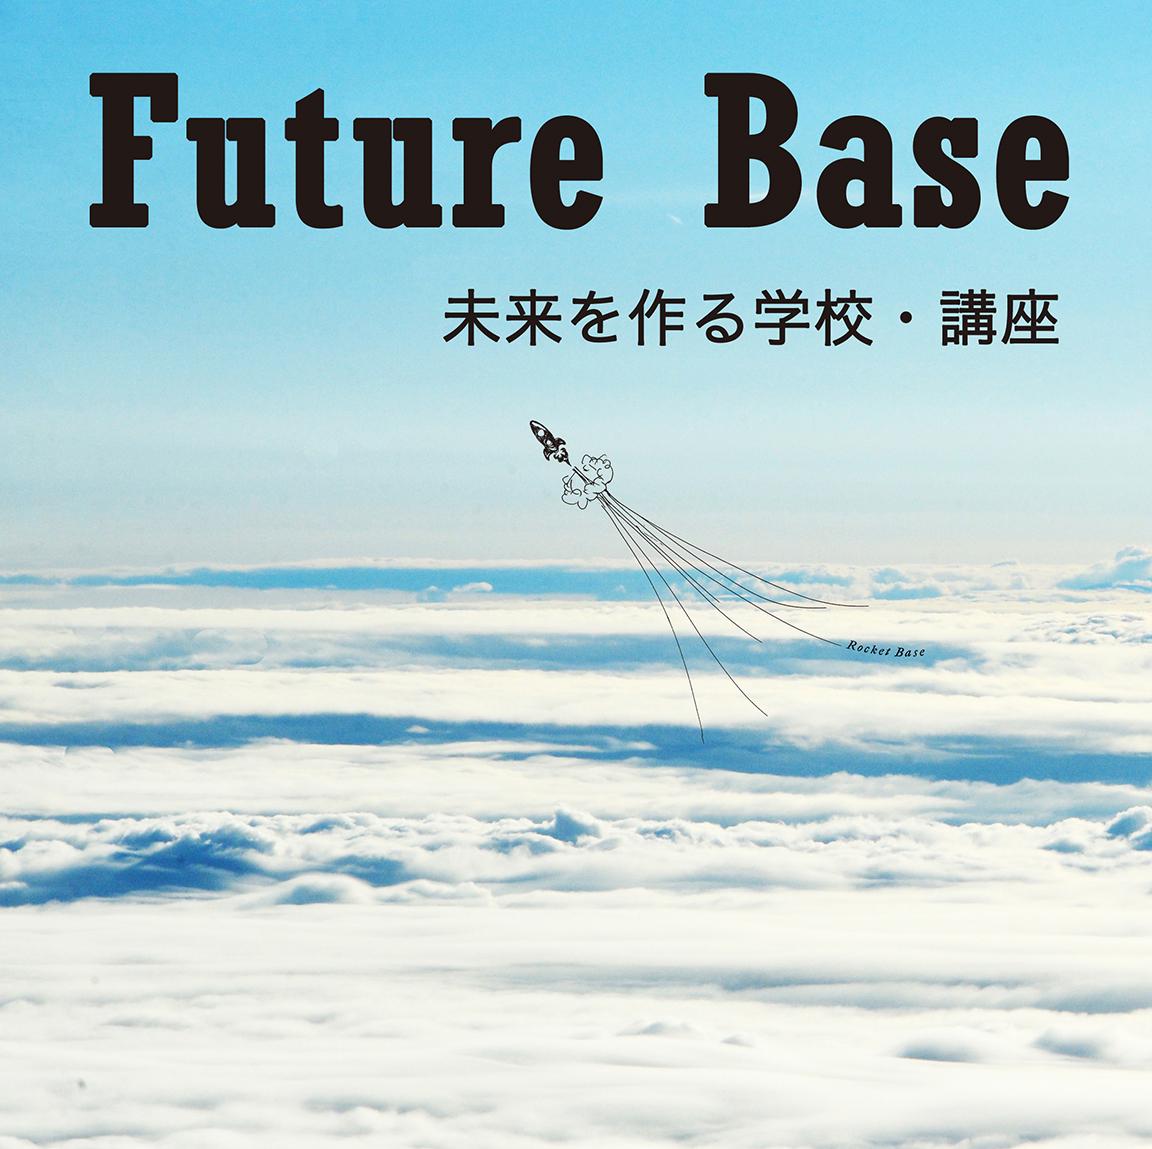 Rocket Base